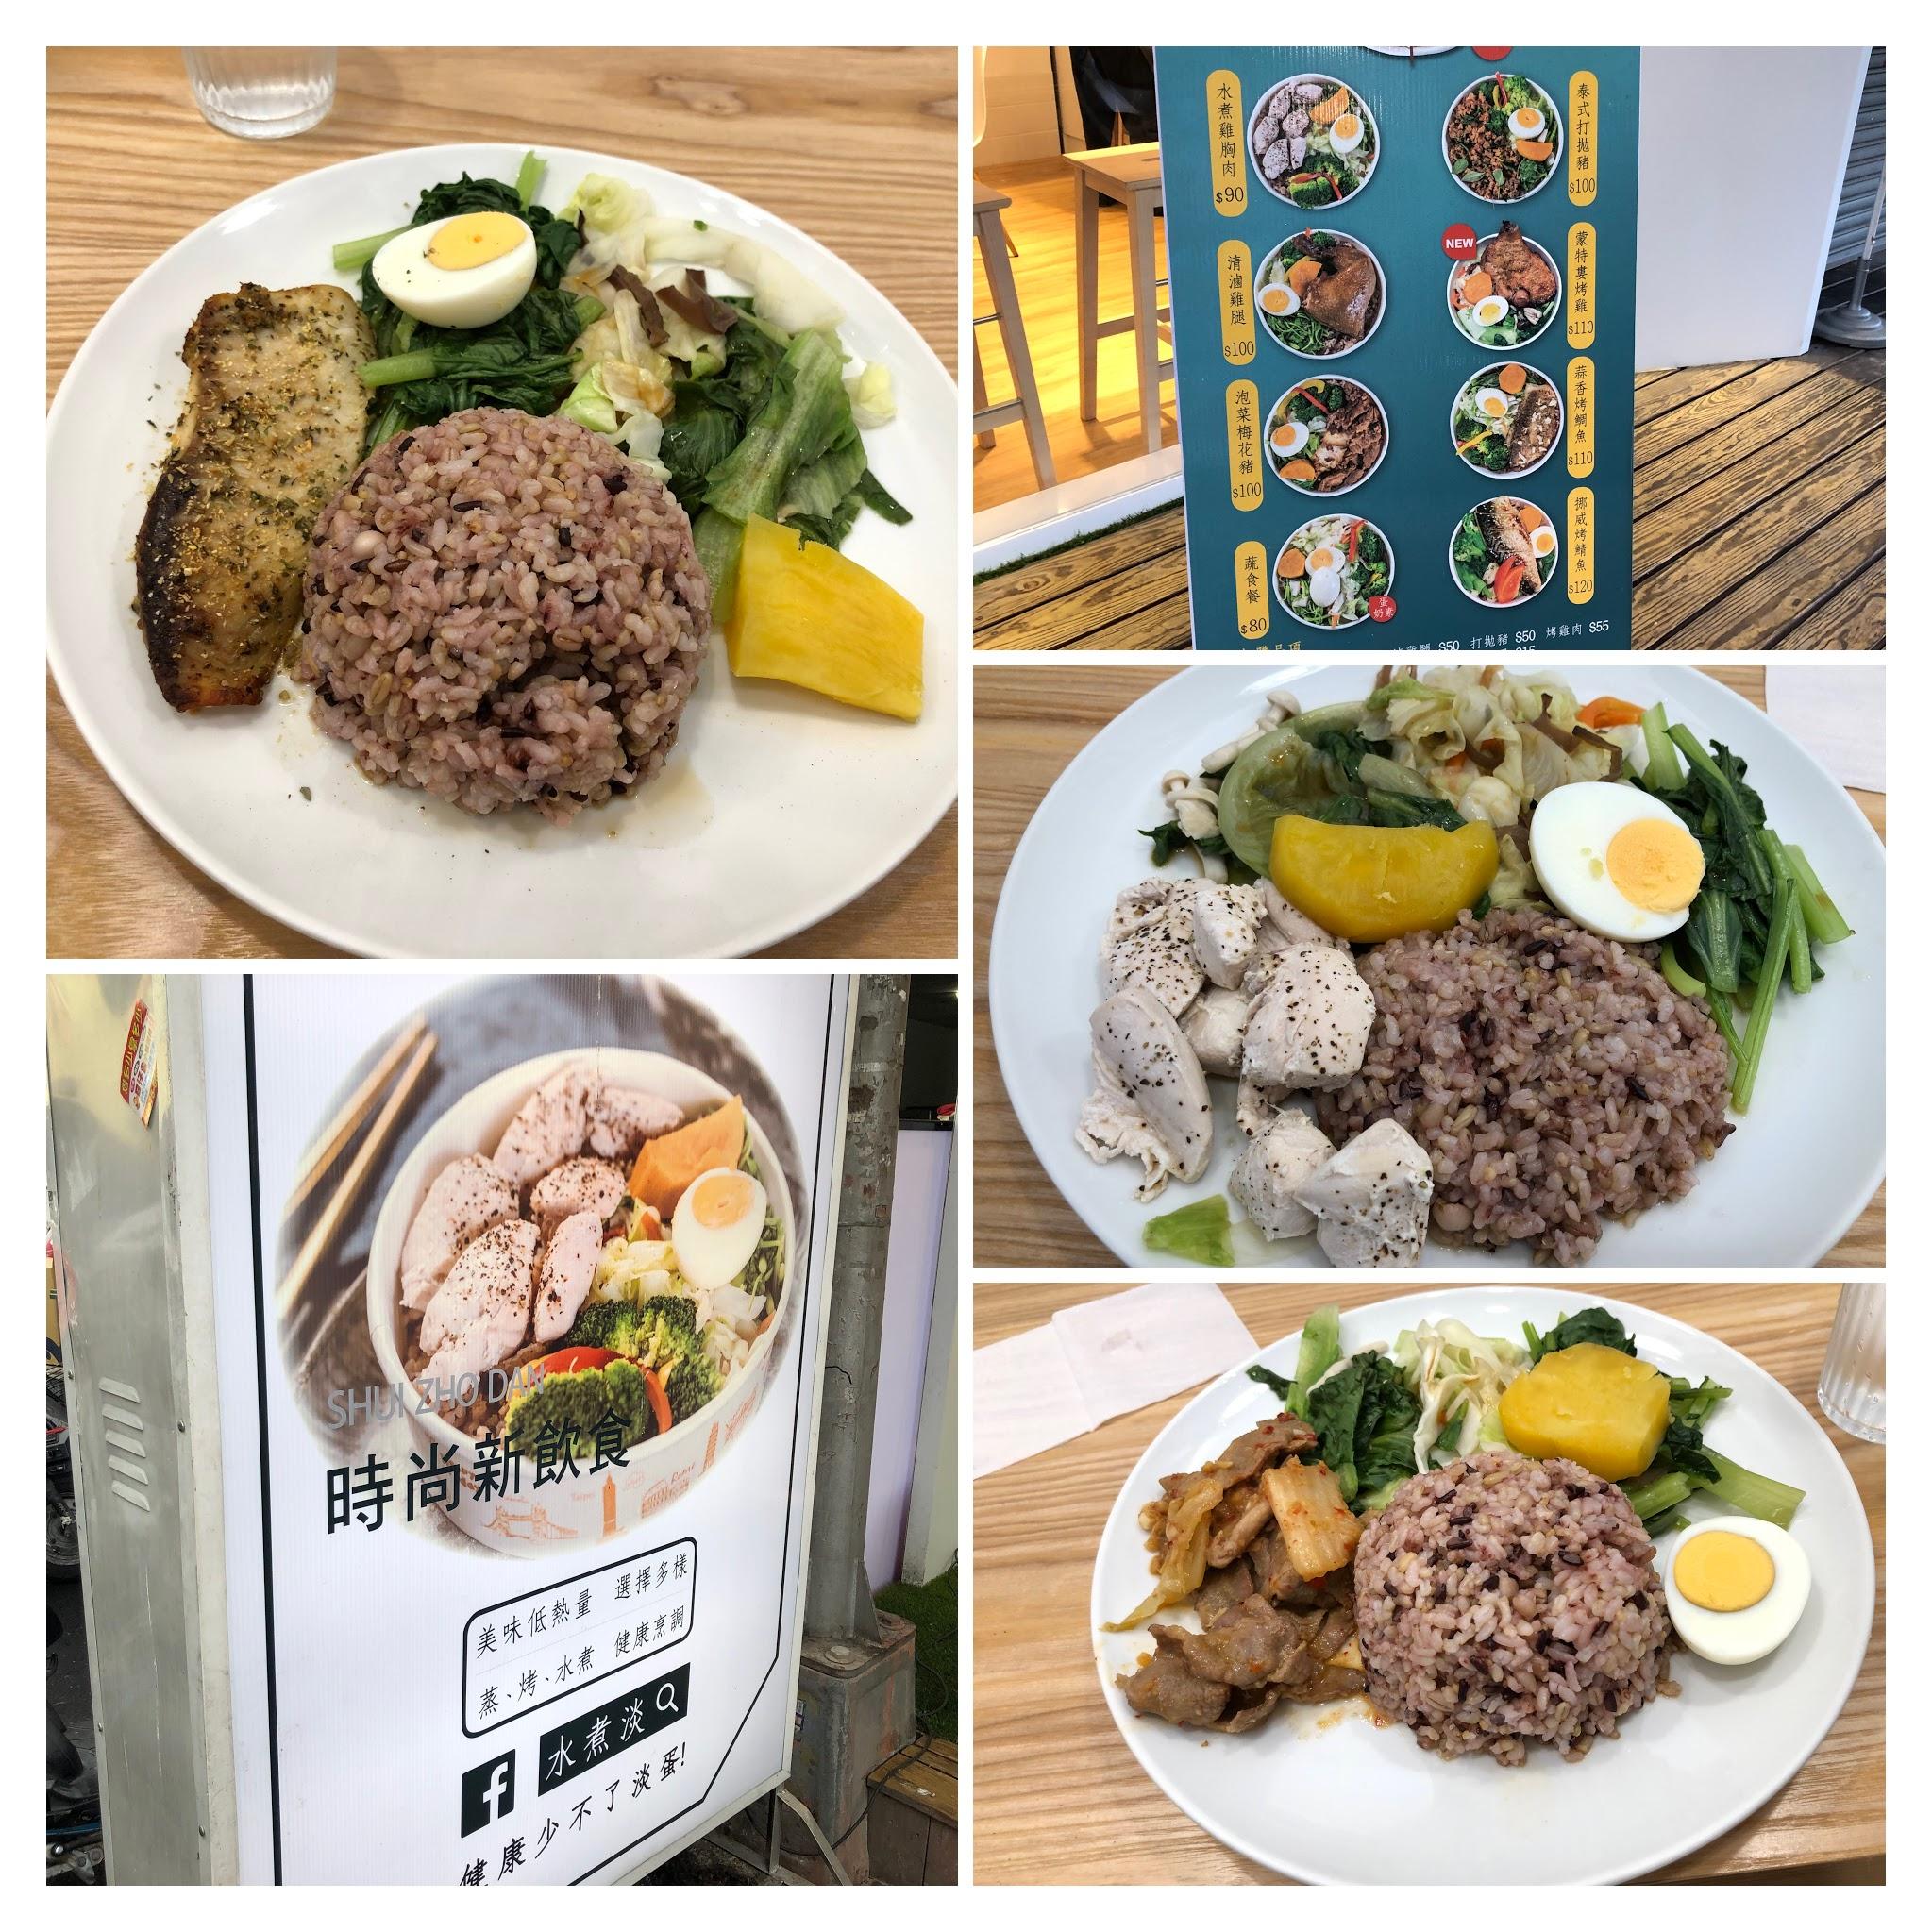 德琦雜記: 水煮淡健康餐盒-臺中北平店